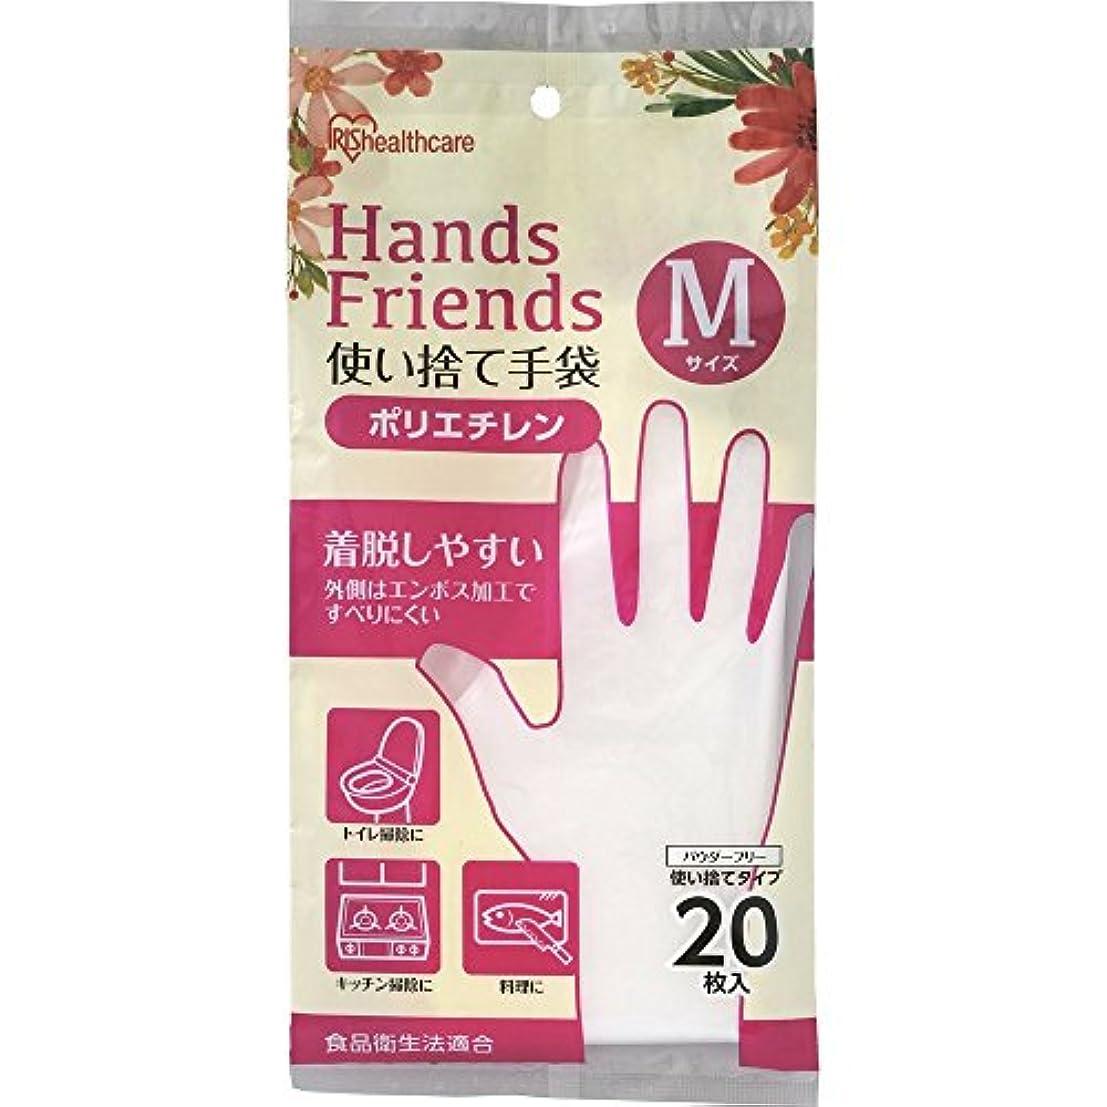 接ぎ木安全優れました使い捨て手袋 ポリエチレン手袋 Mサイズ 粉なし パウダーフリー クリア 20枚入